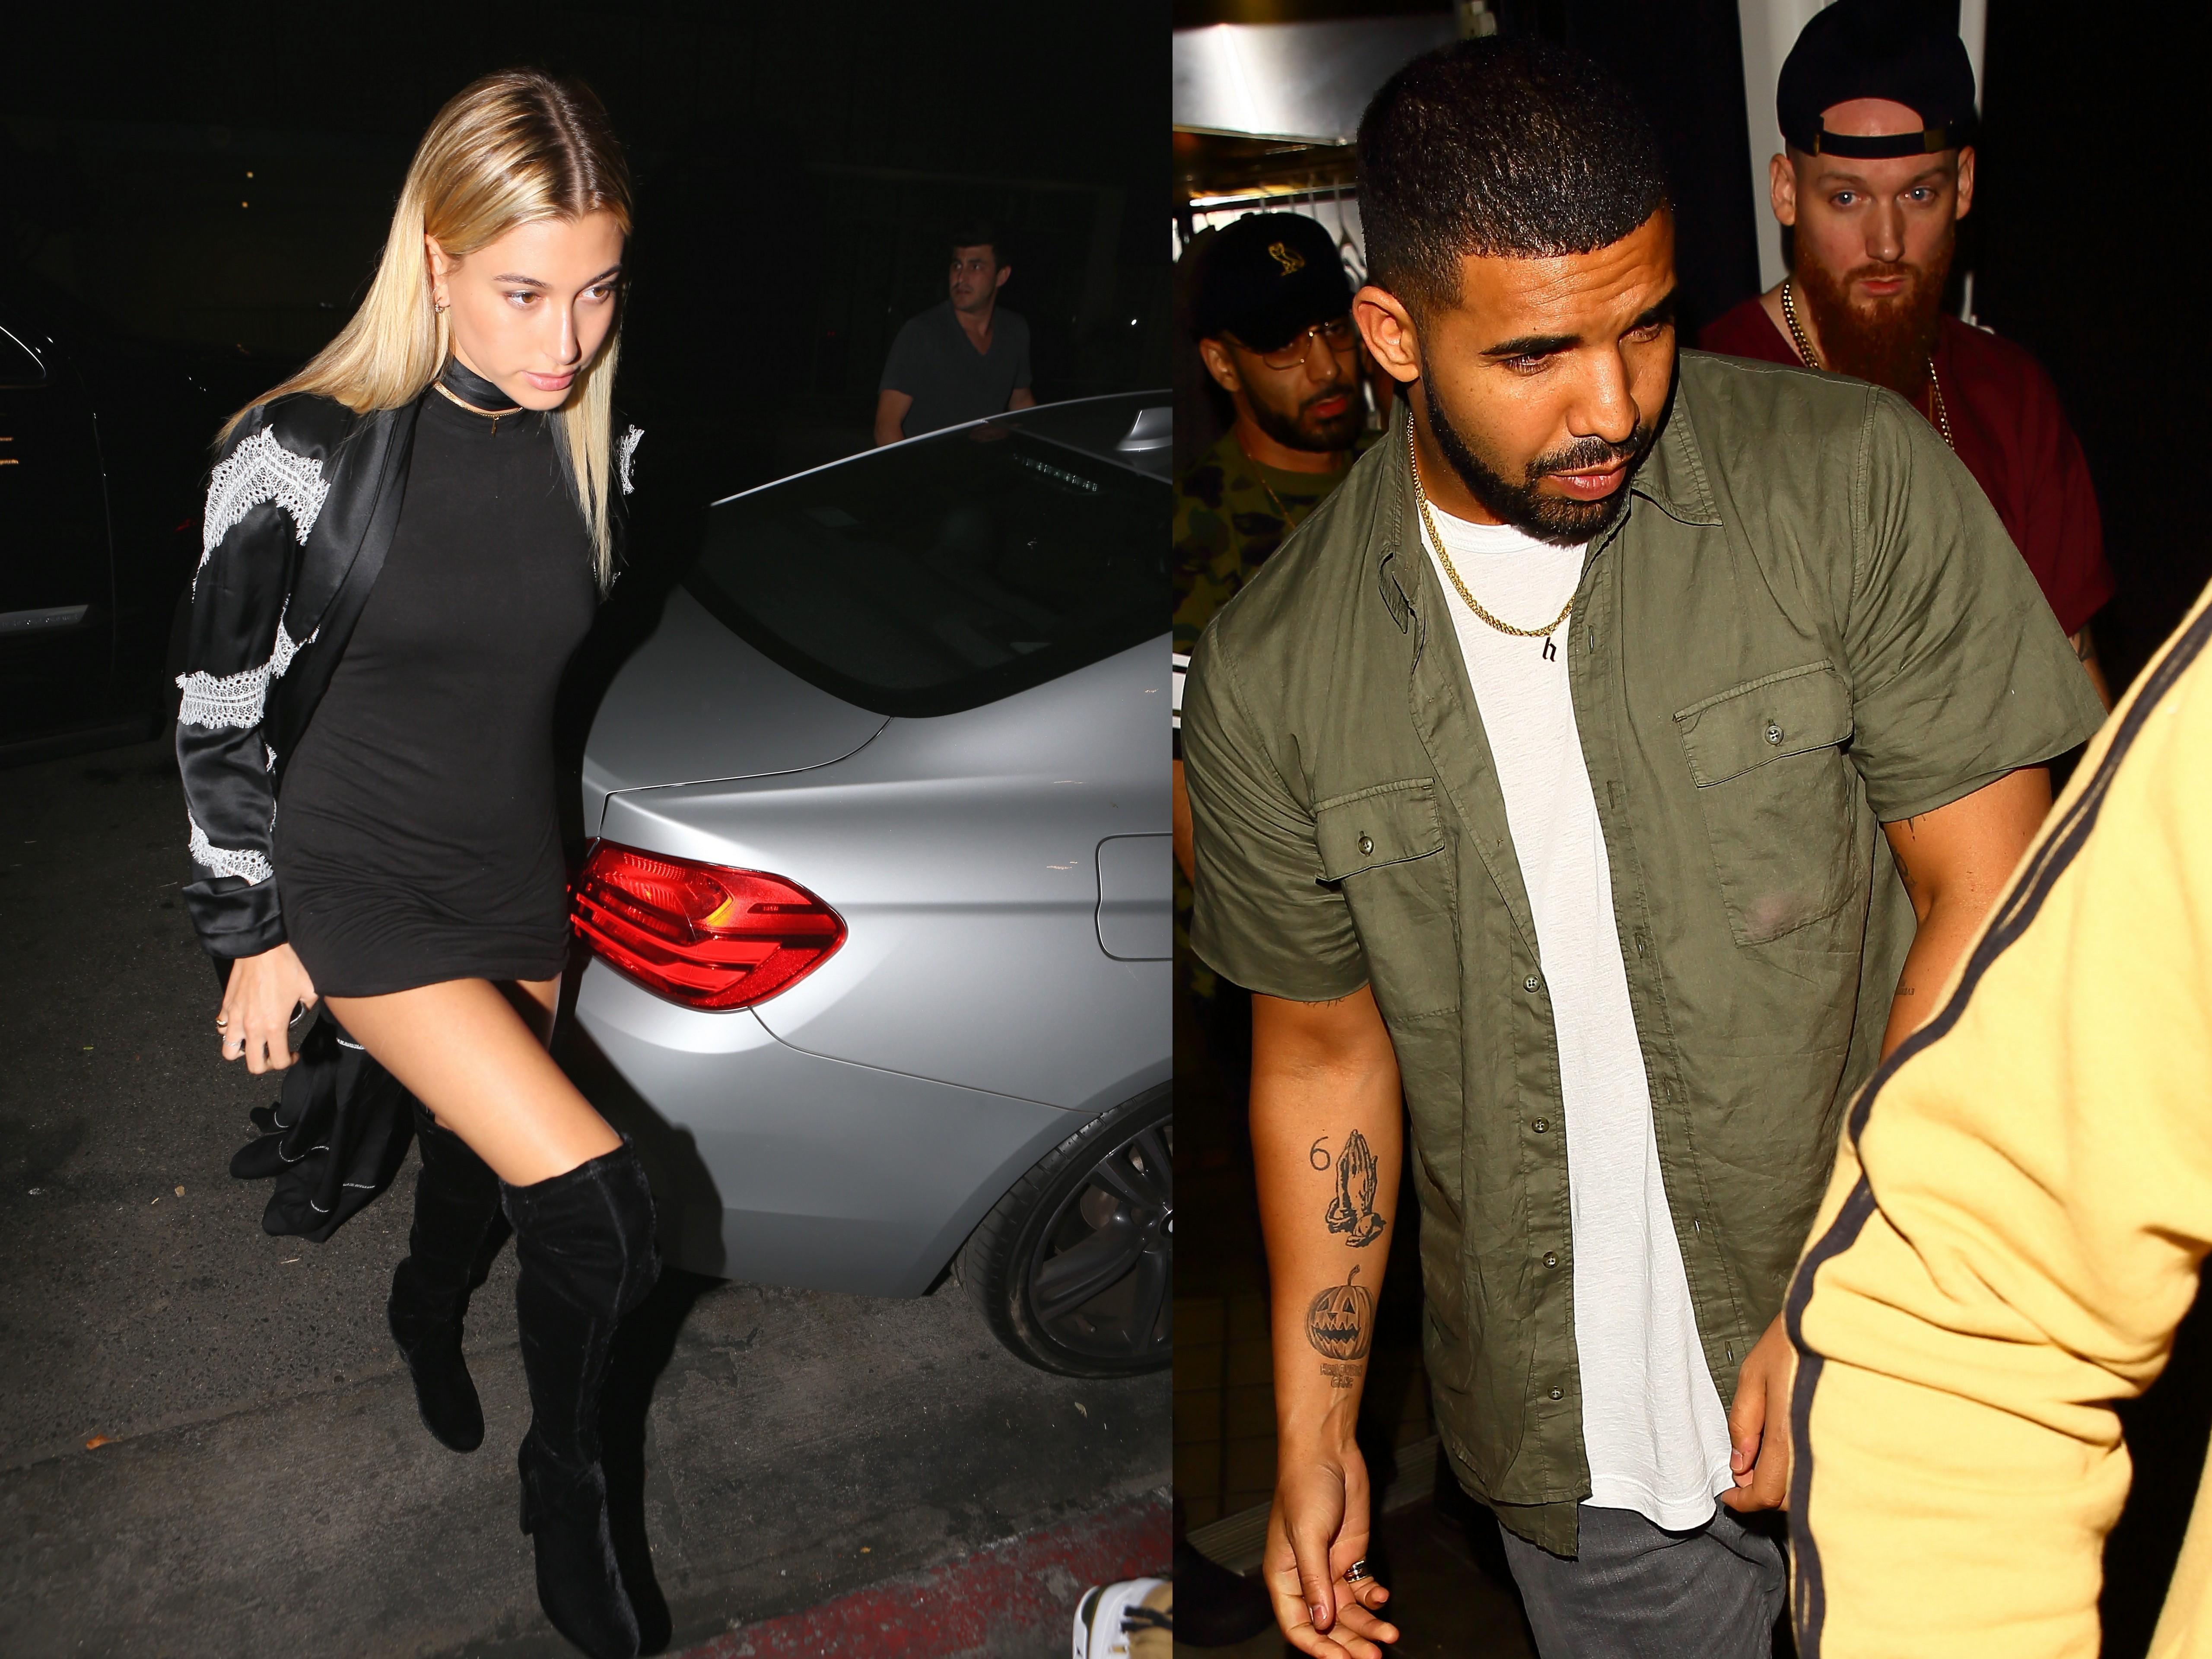 Romance rumors continue swirling around Drake, Hailey Baldwin